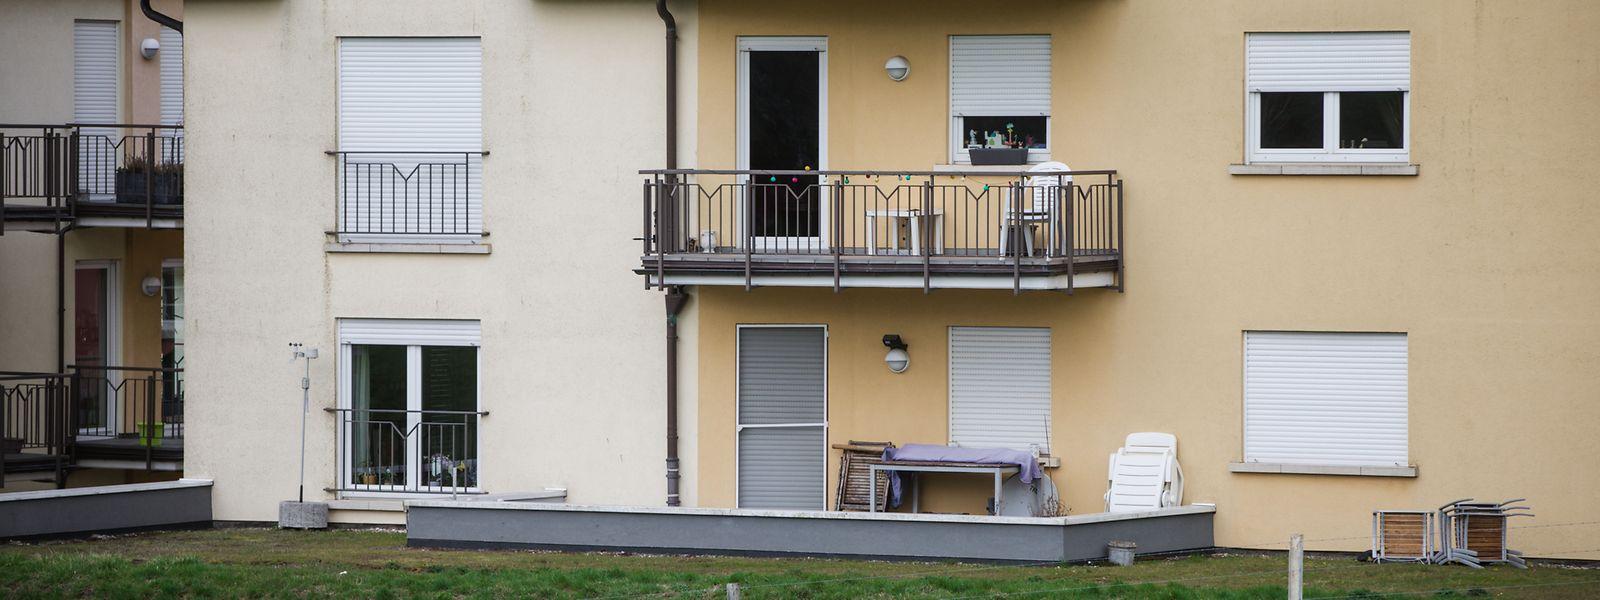 Als die Frau von der Kugel getroffen wurde, sass sie mit Freunden auf dieser Terrasse.